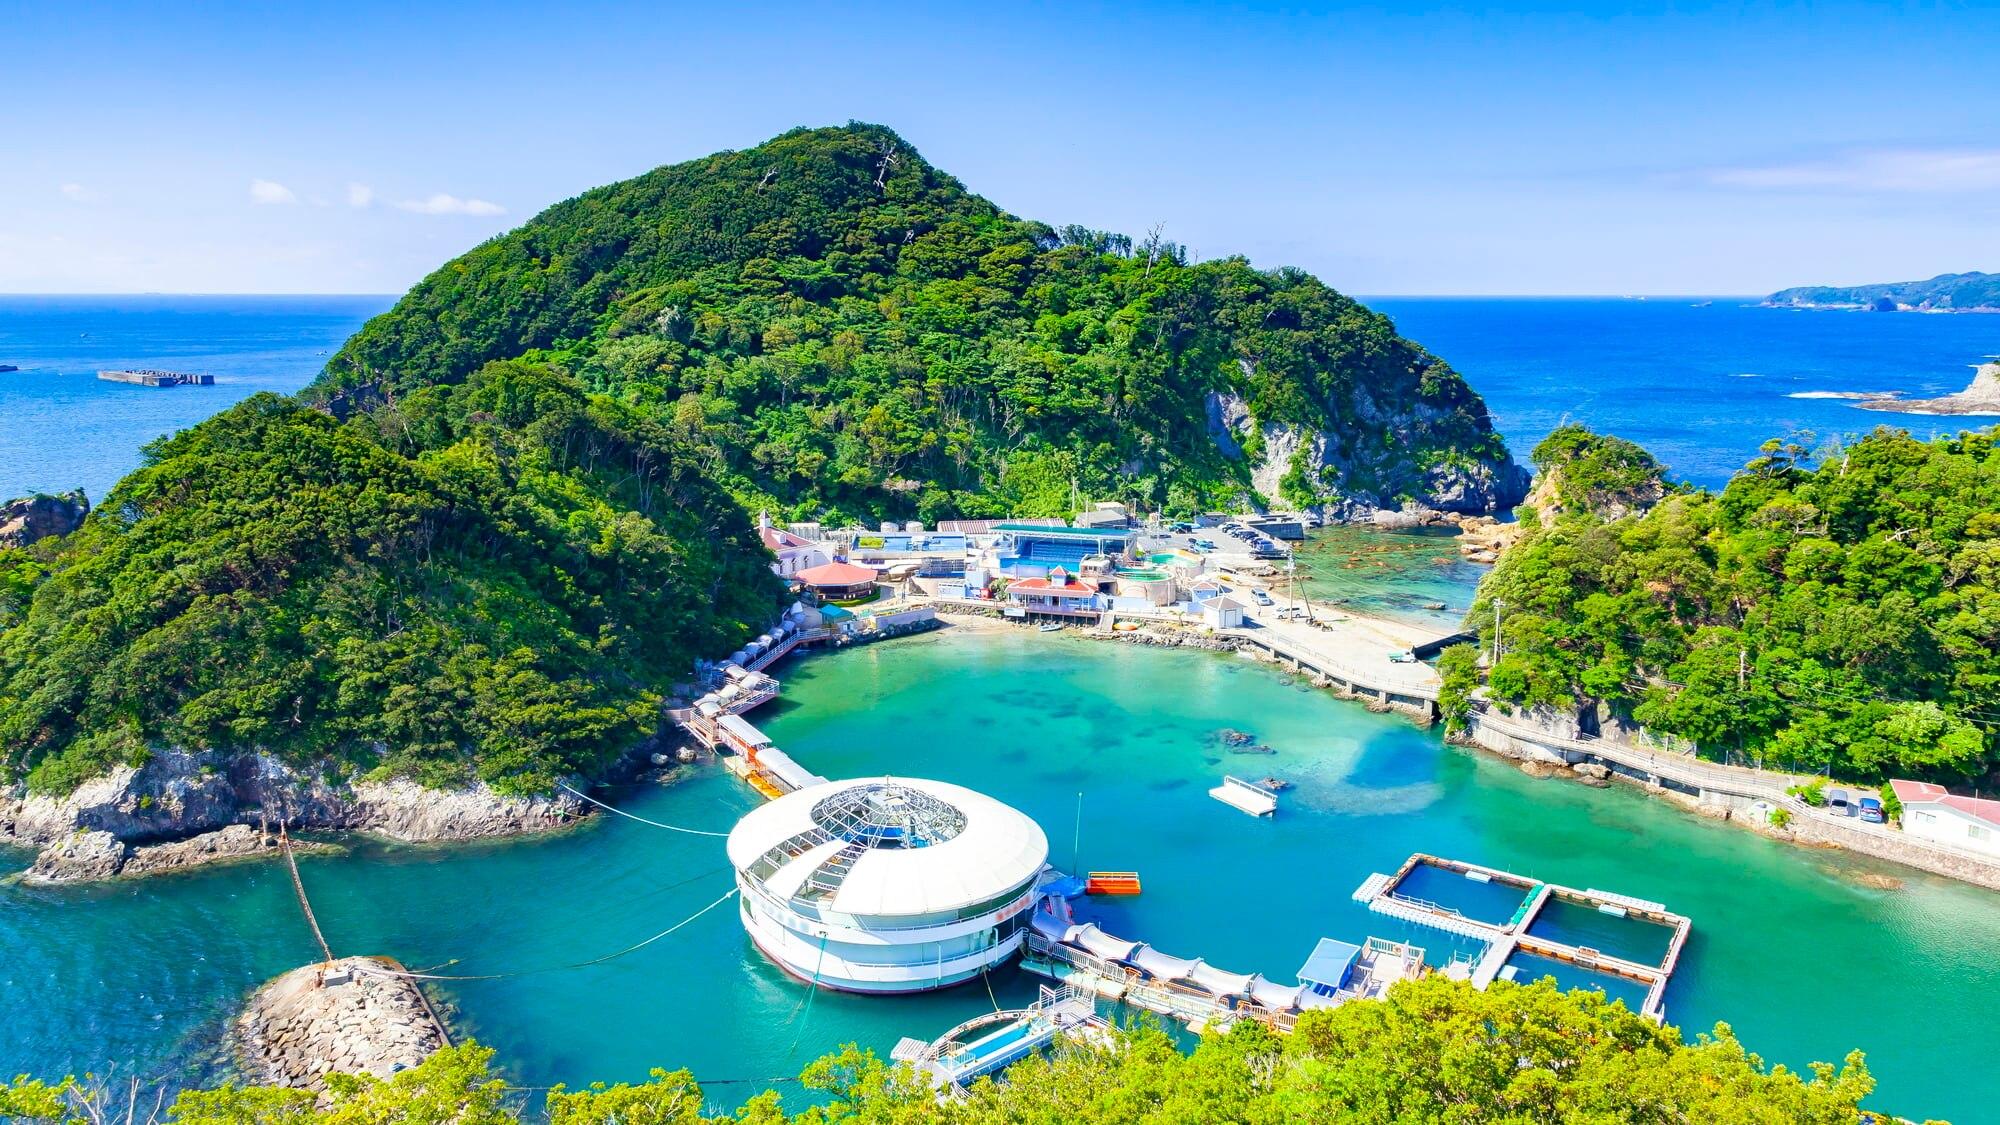 イルカとのふれあいだけじゃない!人気上昇中「下田海中水族館」の魅力とは?